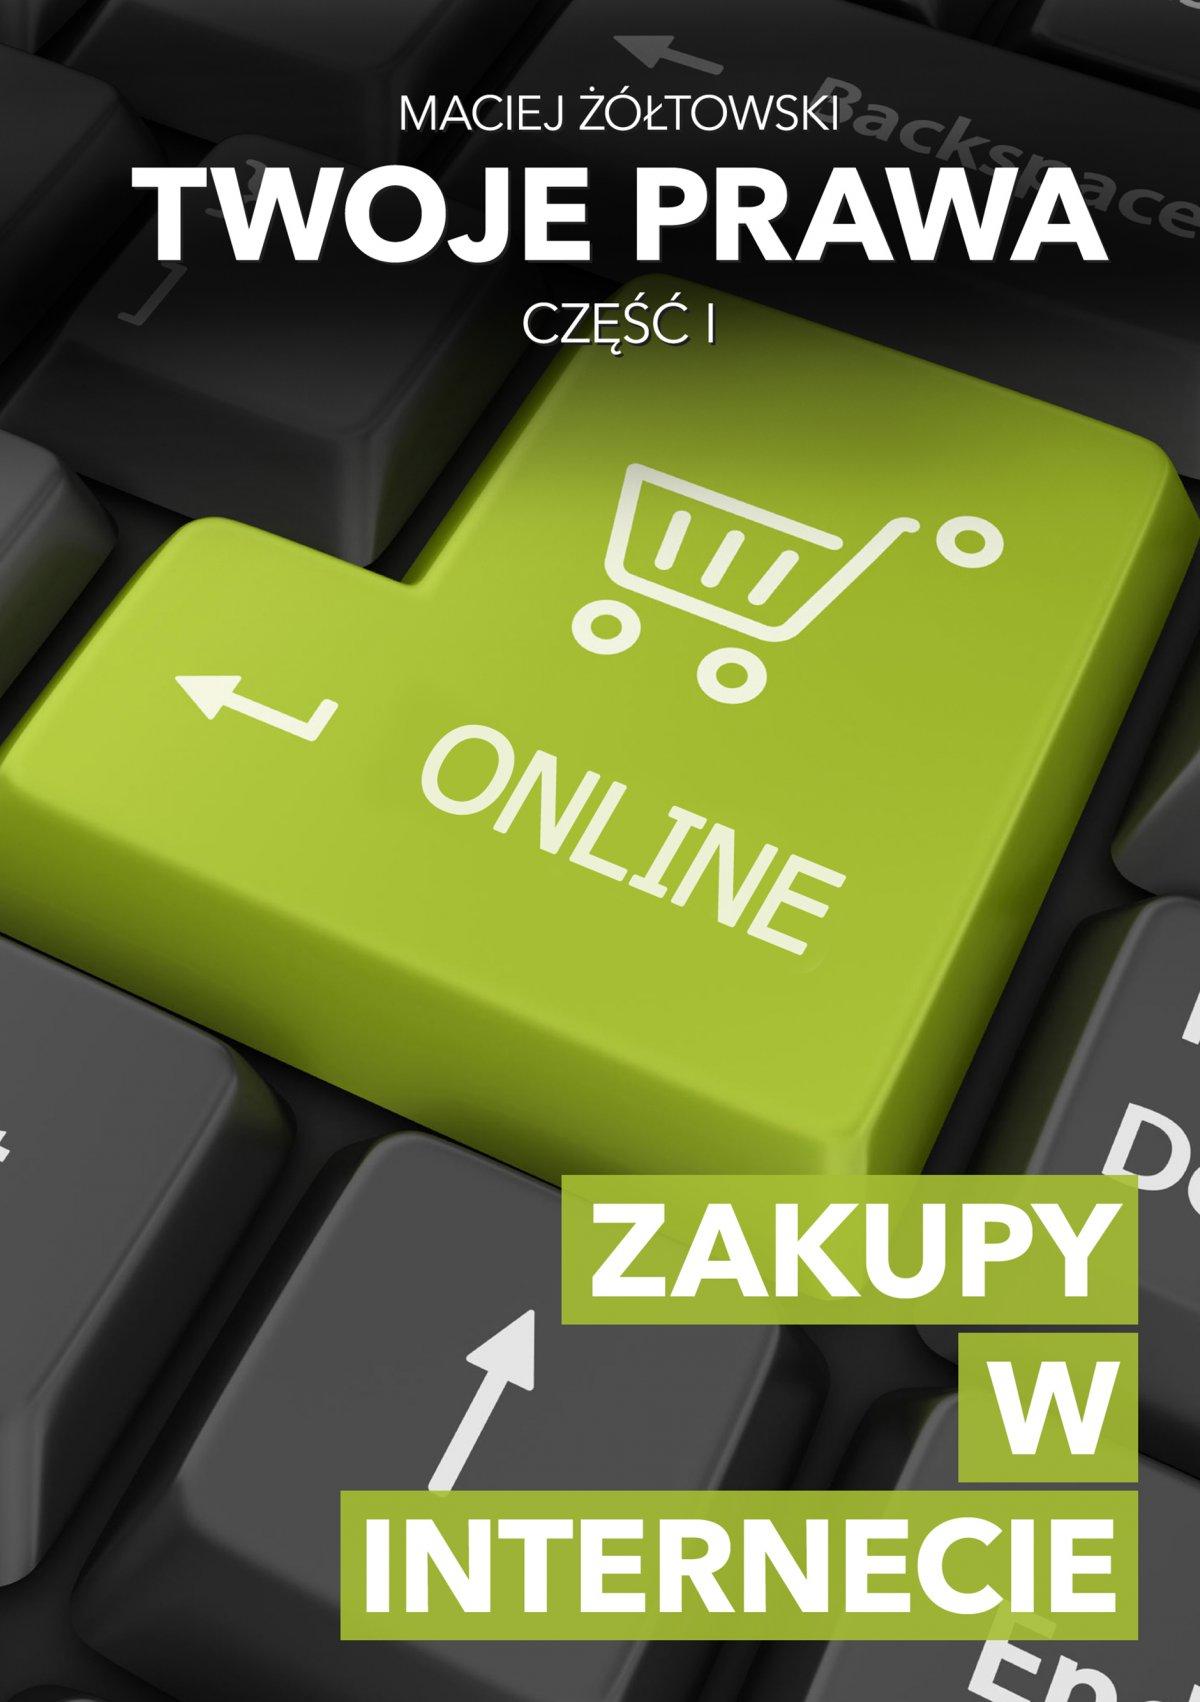 Twoje prawa. Zakupy w Internecie - Ebook (Książka na Kindle) do pobrania w formacie MOBI